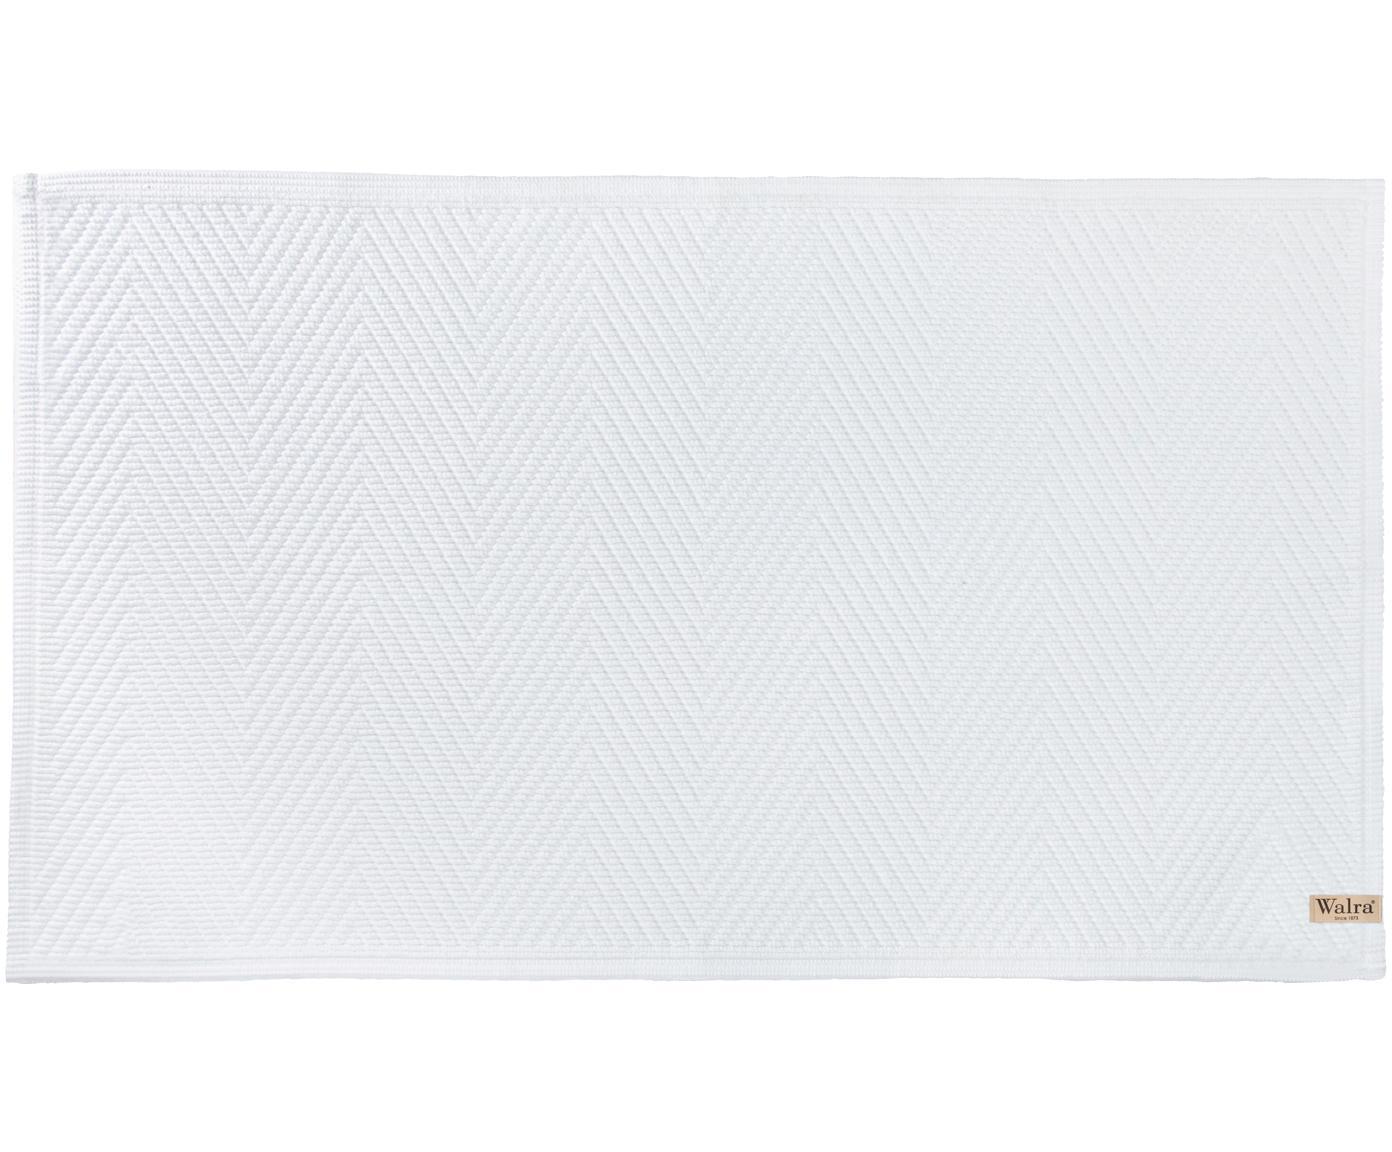 Tappeto bagno con motivo spina di pesce Soft Cotton, Cotone, Bianco, Larg. 60 x Lung. 100 cm